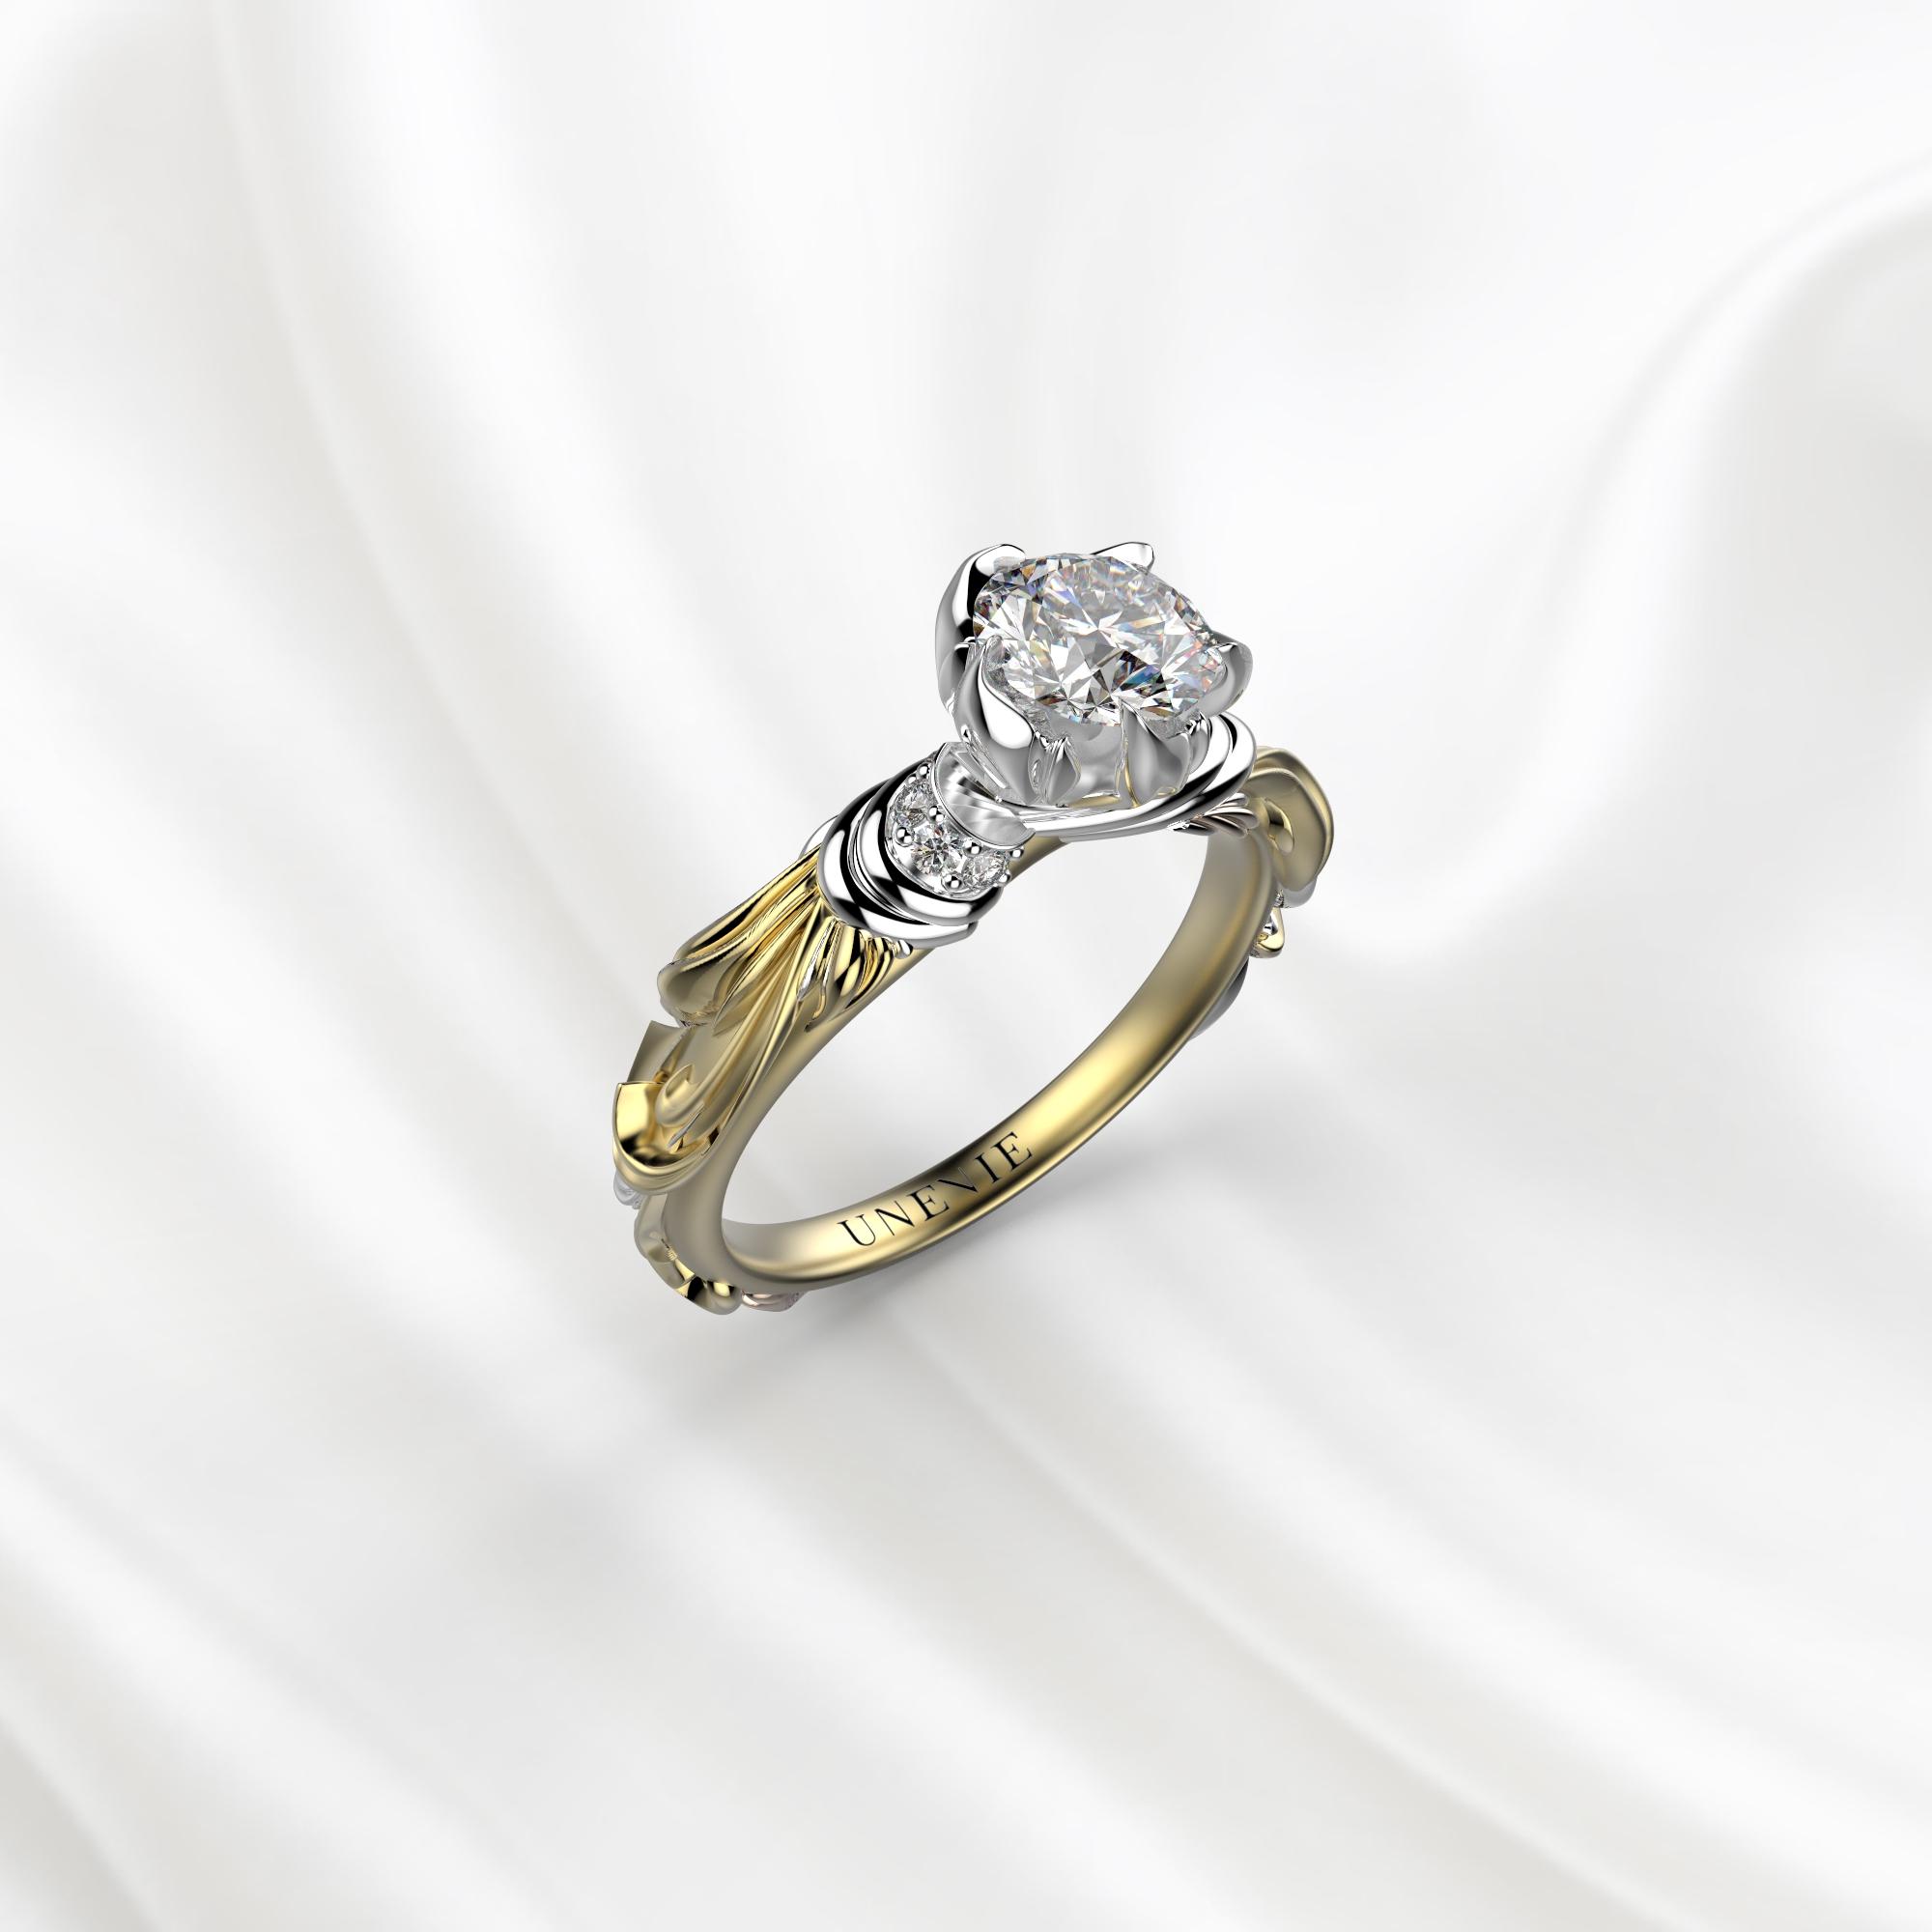 N8 Помолвочное кольцо из желто-белого золота с бриллиантом 0.4 карат